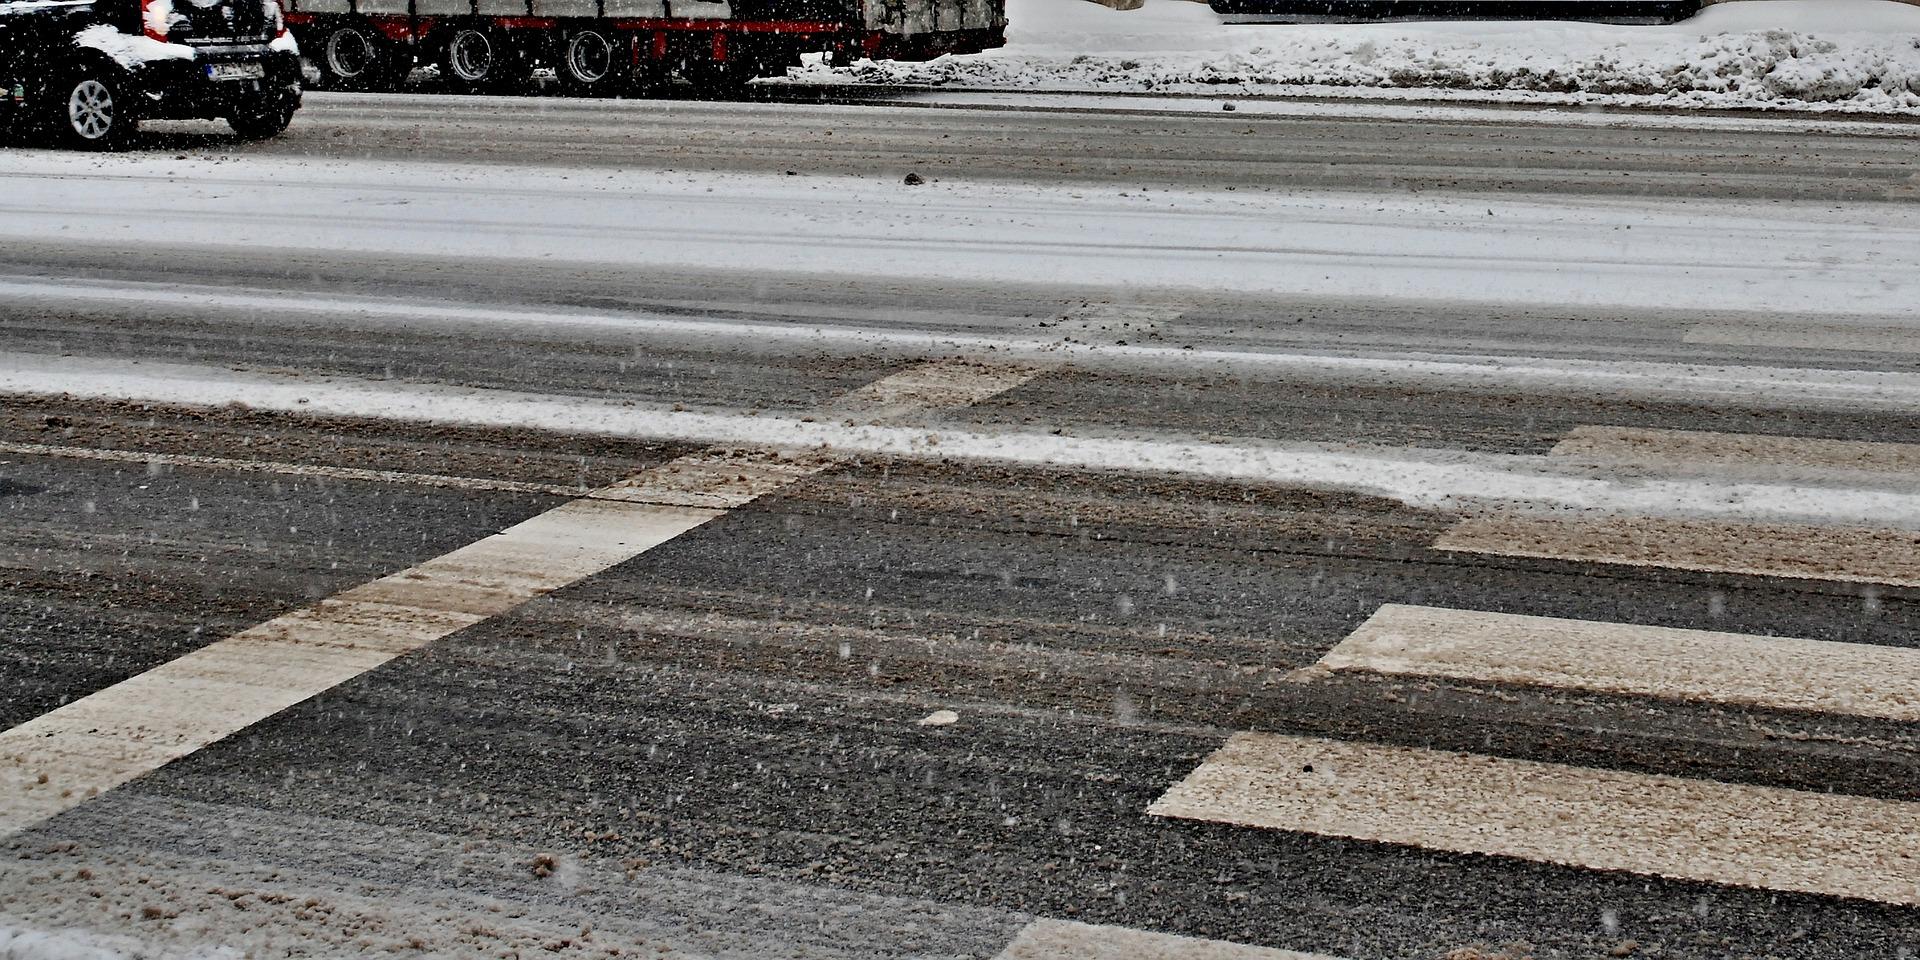 Szczególnie uważać trzeba w pobliżu przejść dla pieszych - Zdjęcie główne